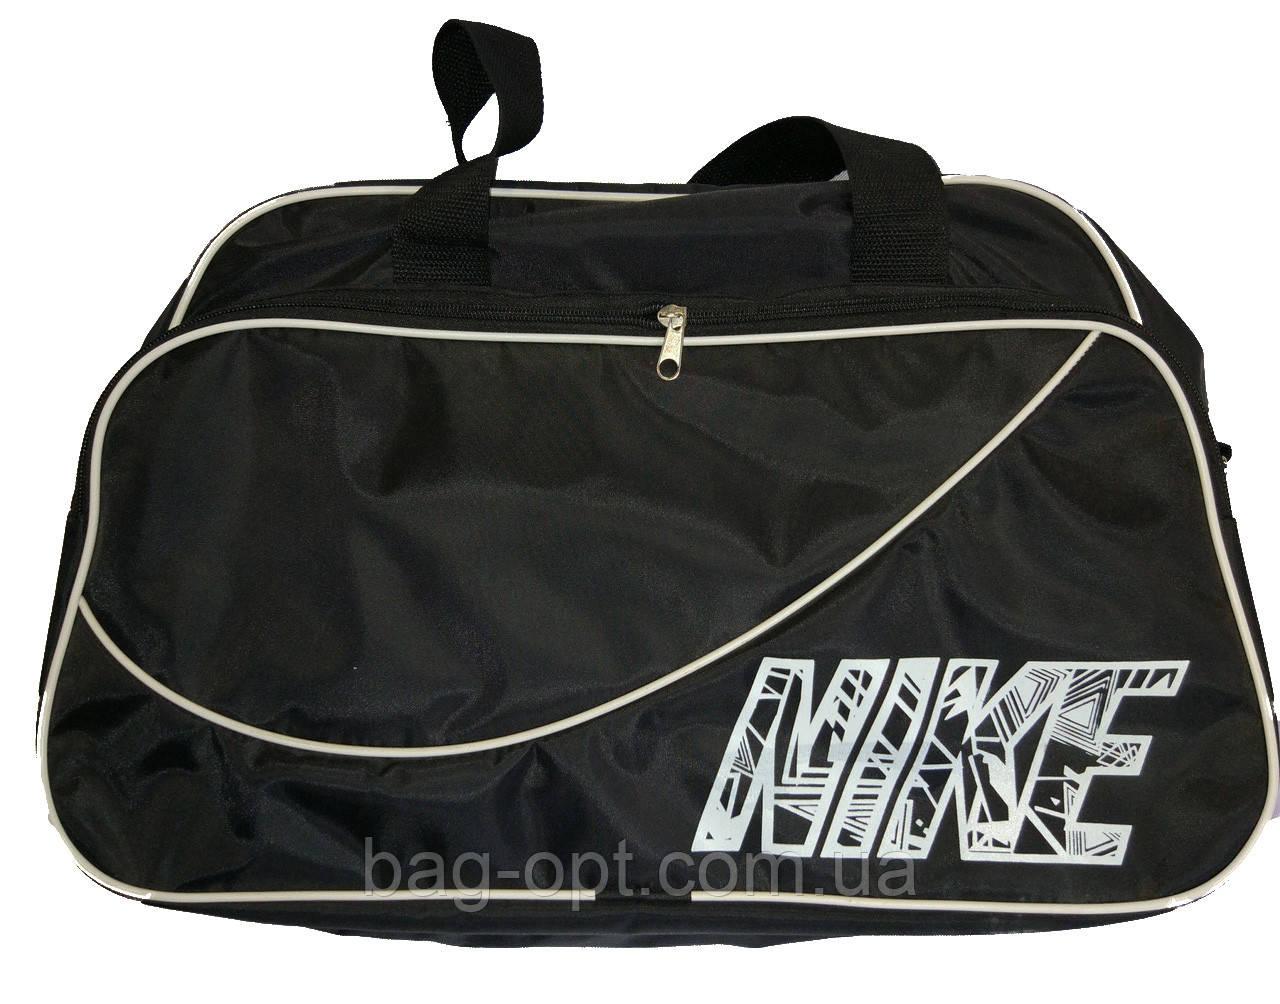 Спортивная сумка реплика Nike черная